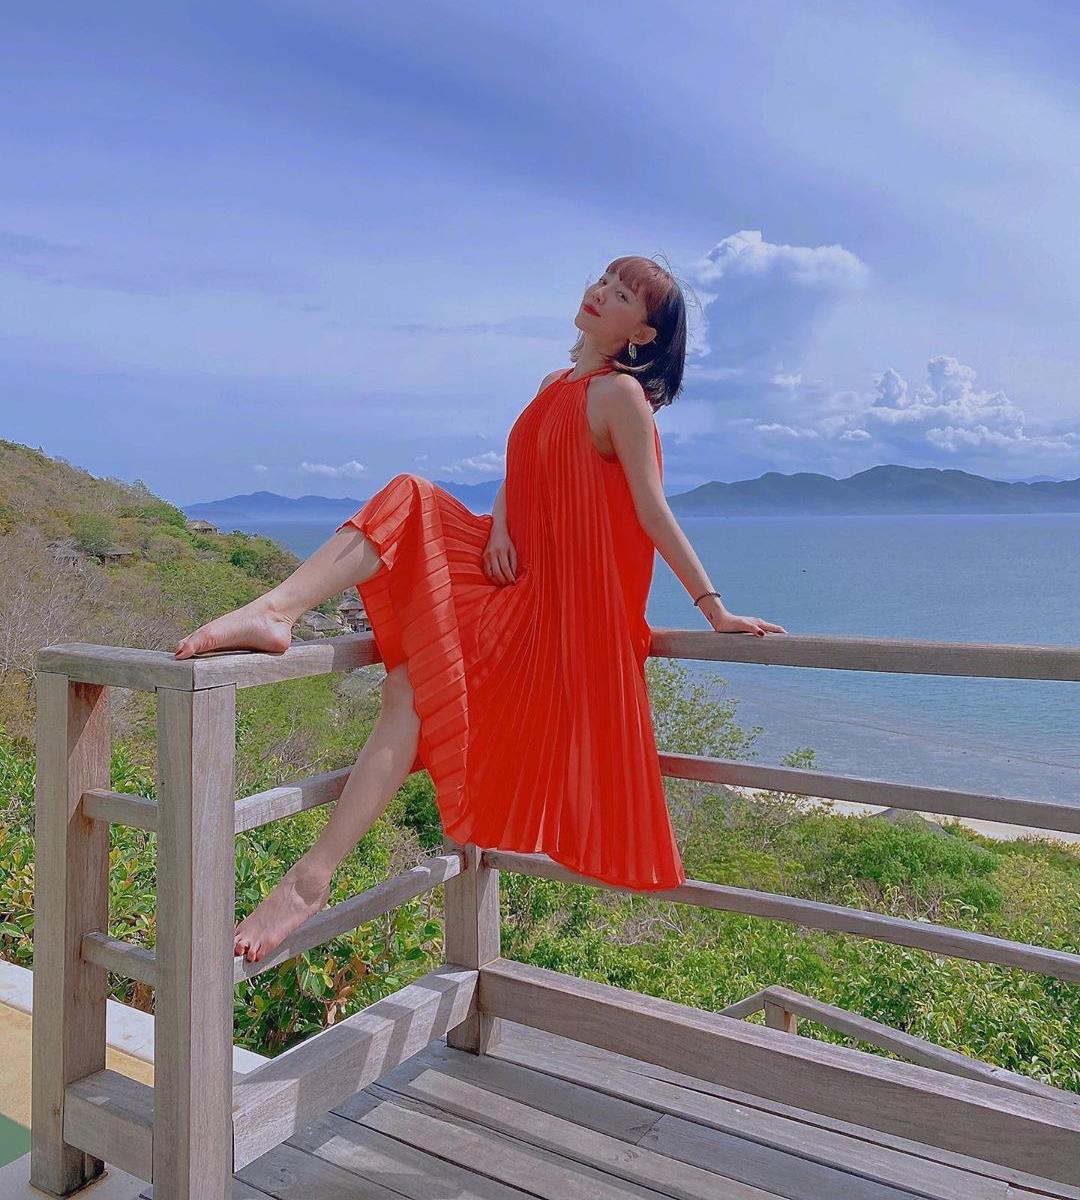 Đầm xếp ly bay bổng được nhiều mỹ nhân Việt lăng xê năm nay. Đây là kiểu váy giải phóng cơ thể, đặc biệt lý tưởng cho những chuyến đi chơi biển. Tóc Tiên diện mẫu đầm tông cam chói lọi nhưng rất tôn da.